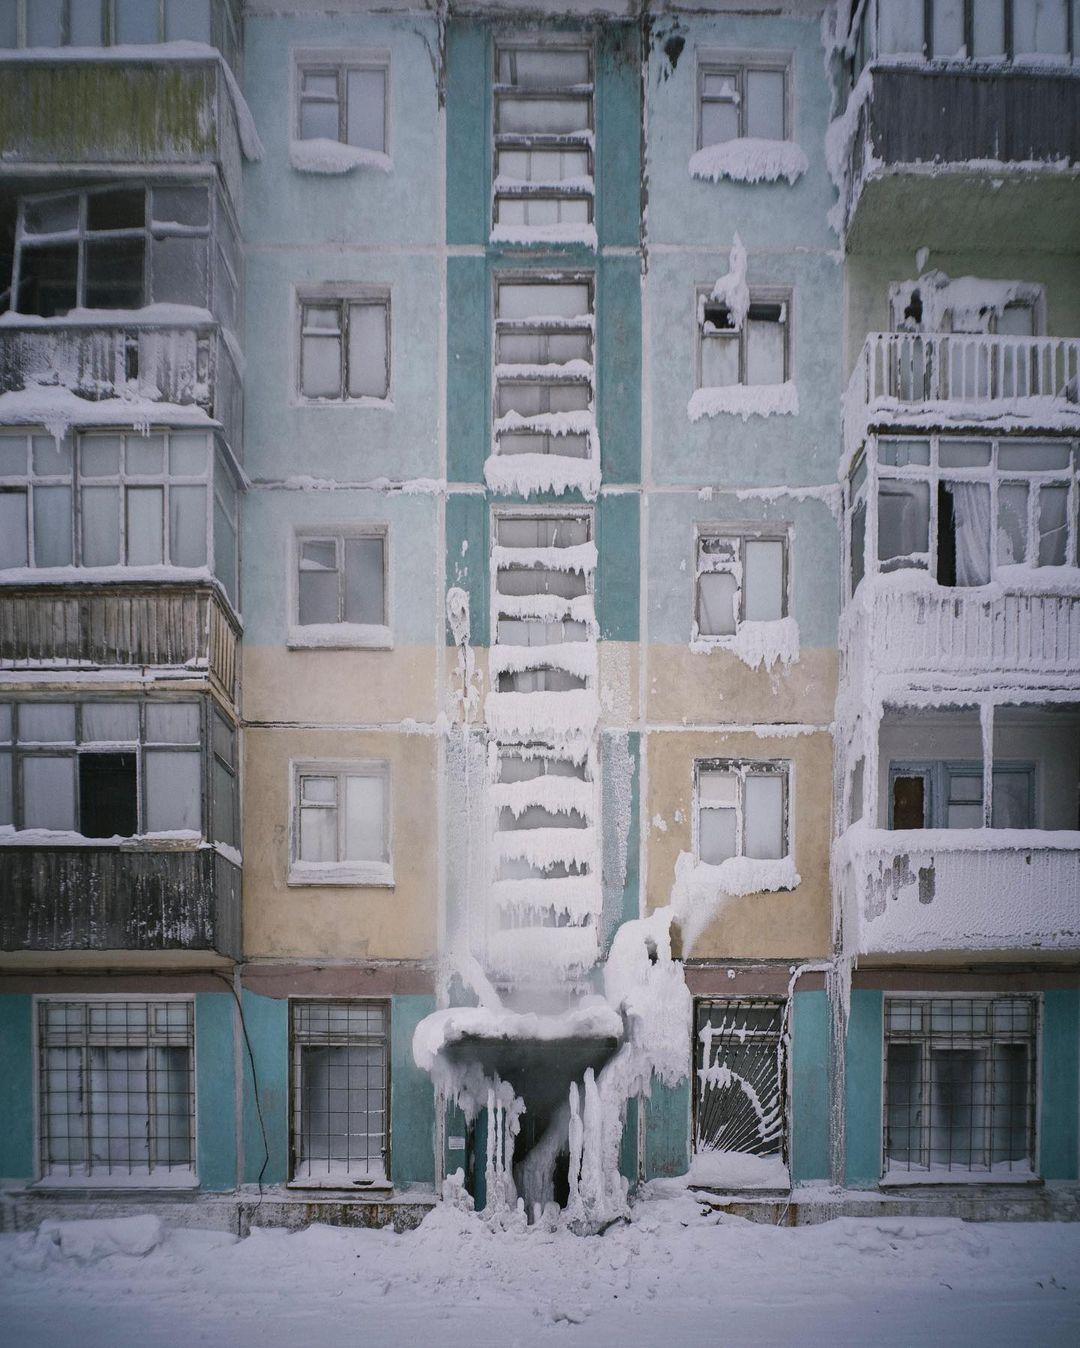 דירות קפואות: תמונות מדהימות מלב העיר הקרה ביותר באירופה